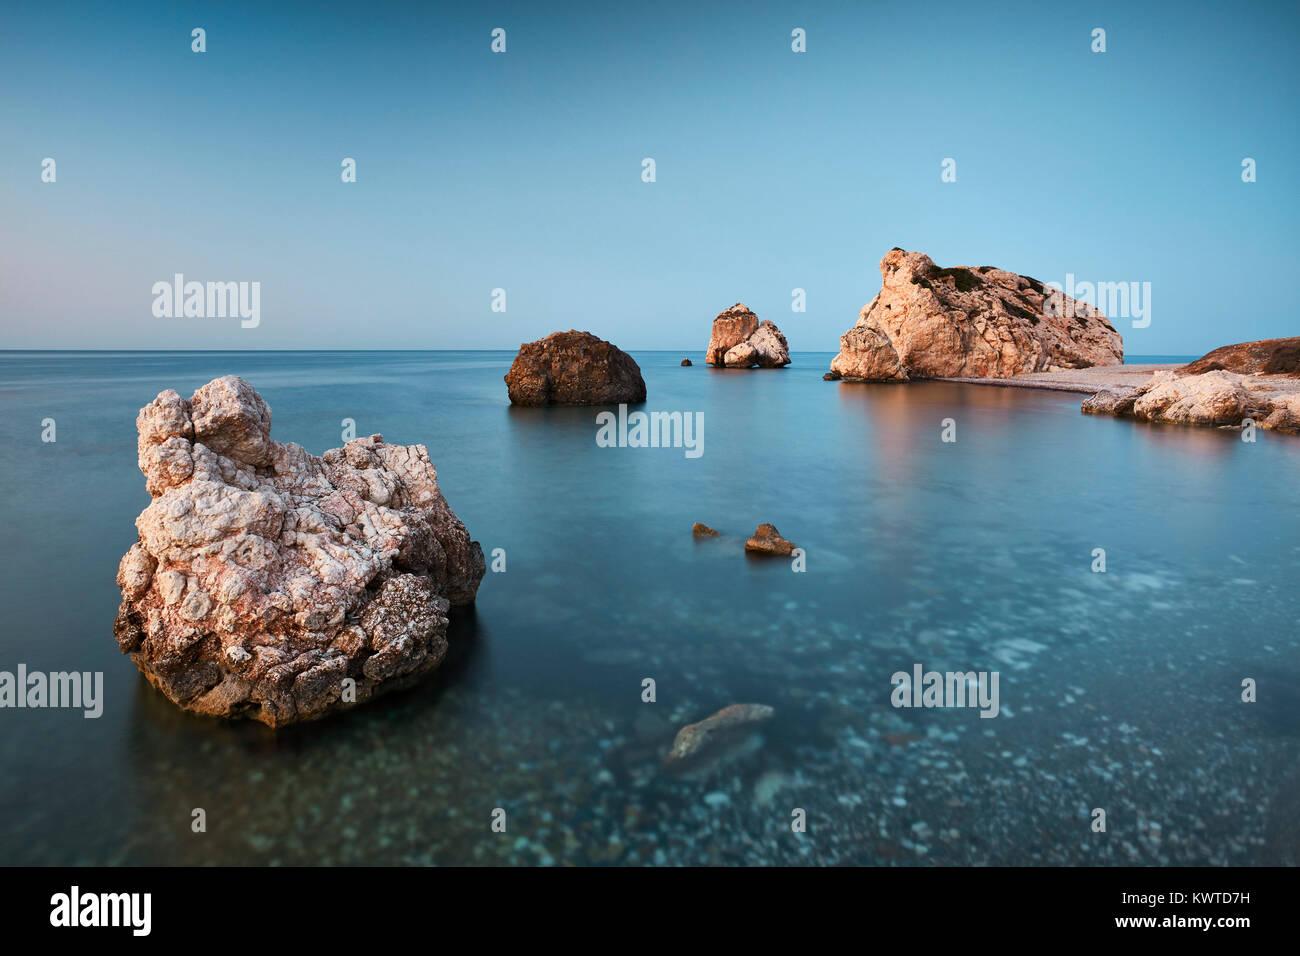 Aphrodite's Rock (Petra Tou Romiou), Paphos, Cyprus - Stock Image